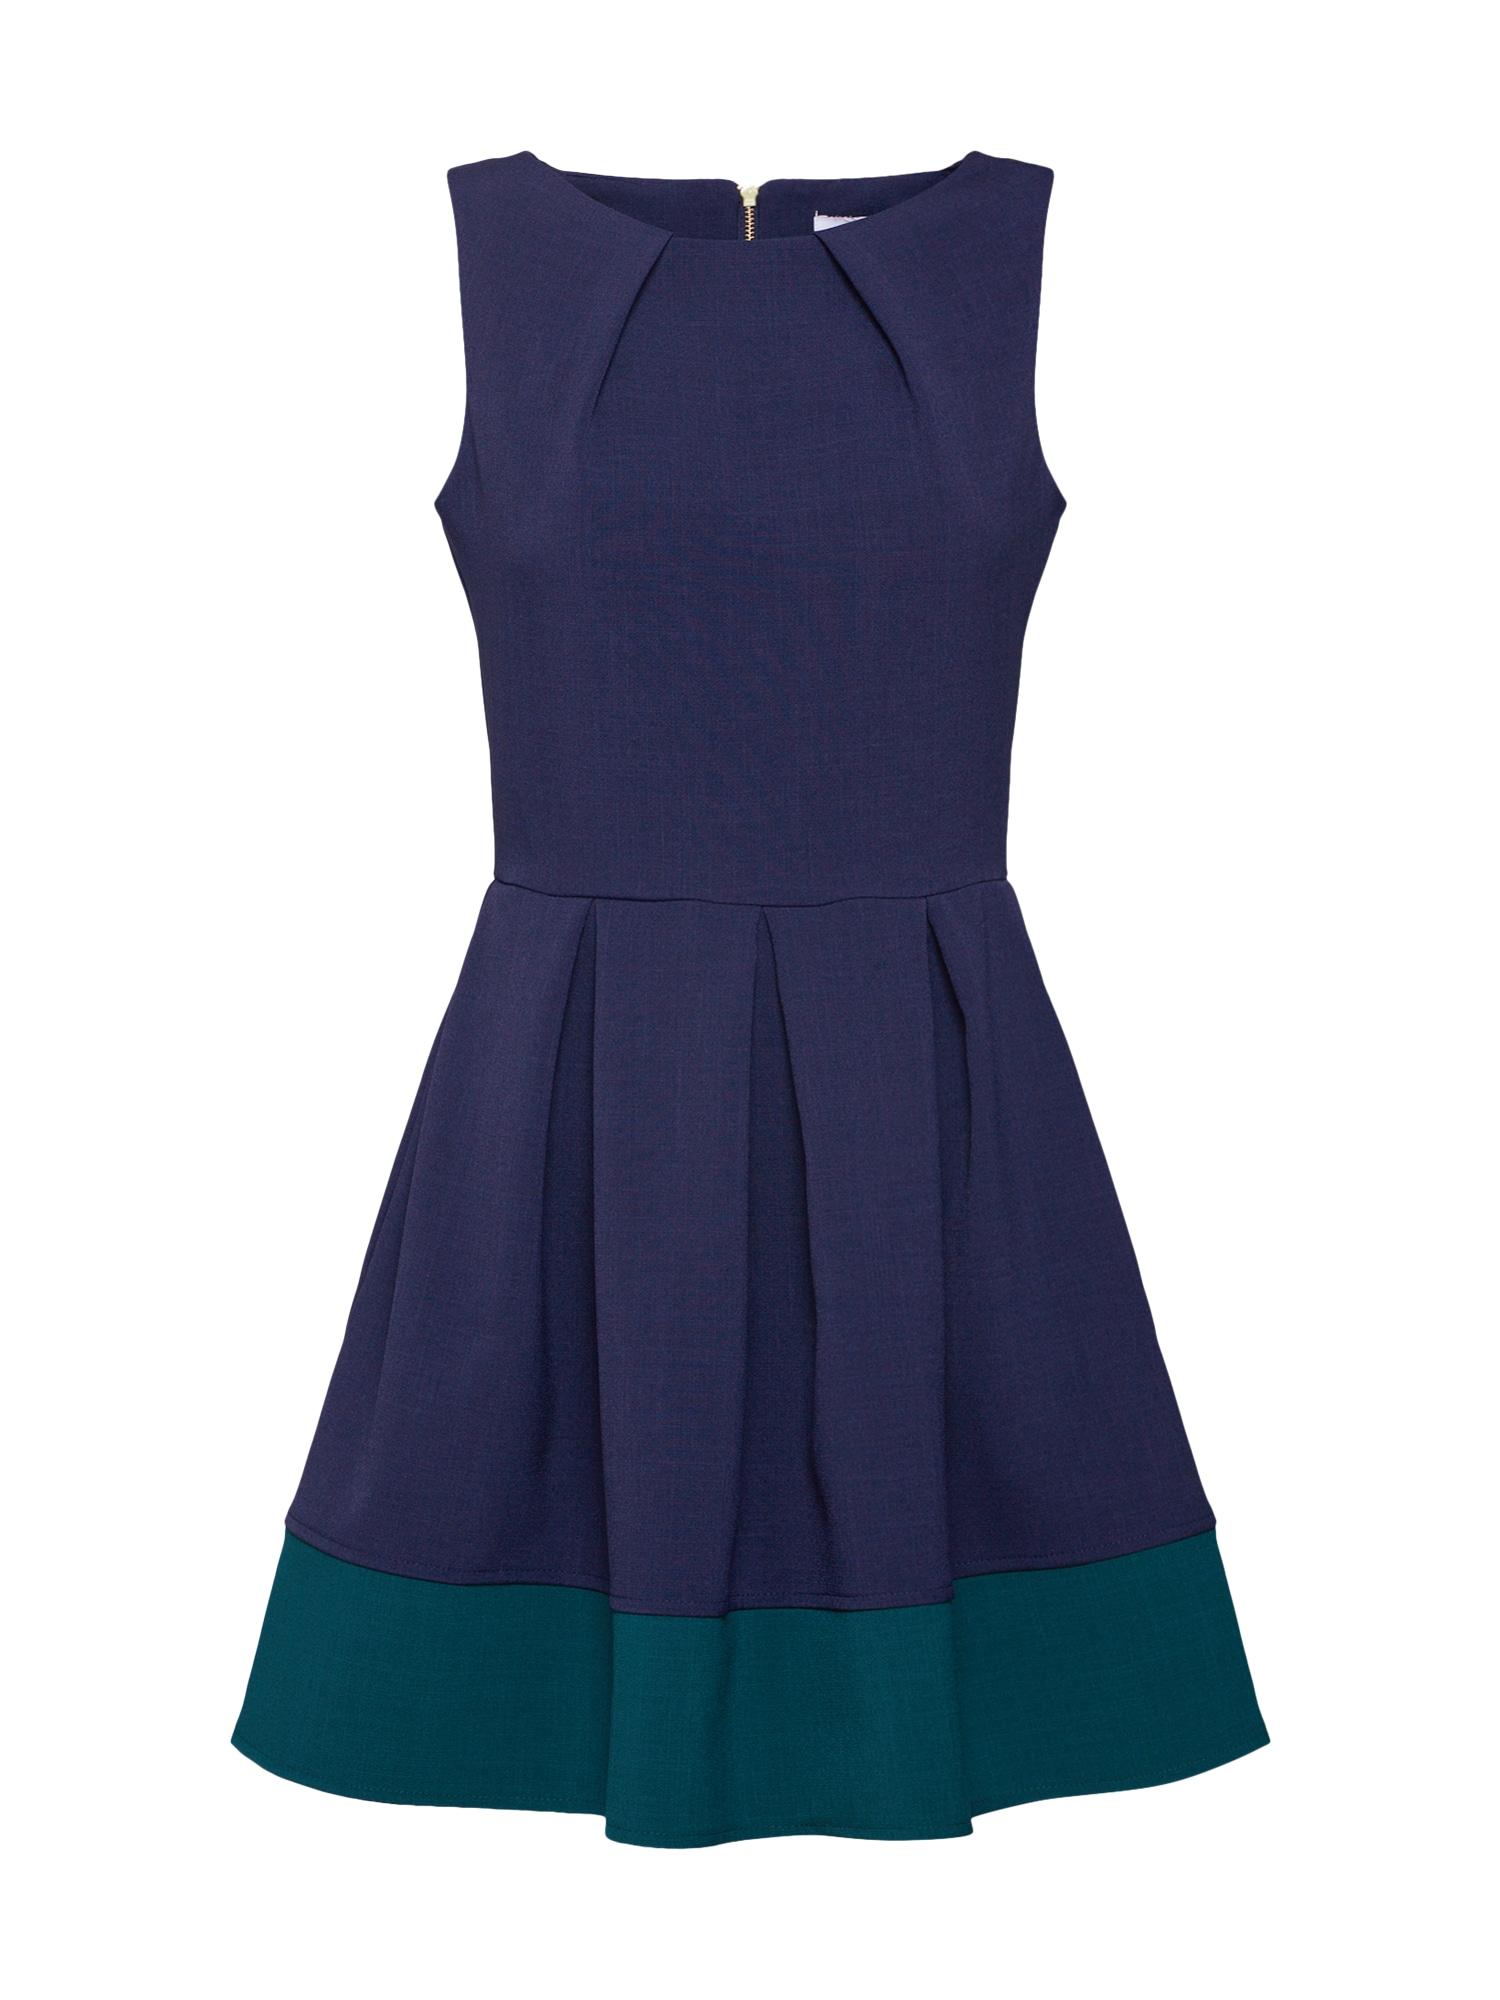 Koktejlové šaty námořnická modř zelená Closet London